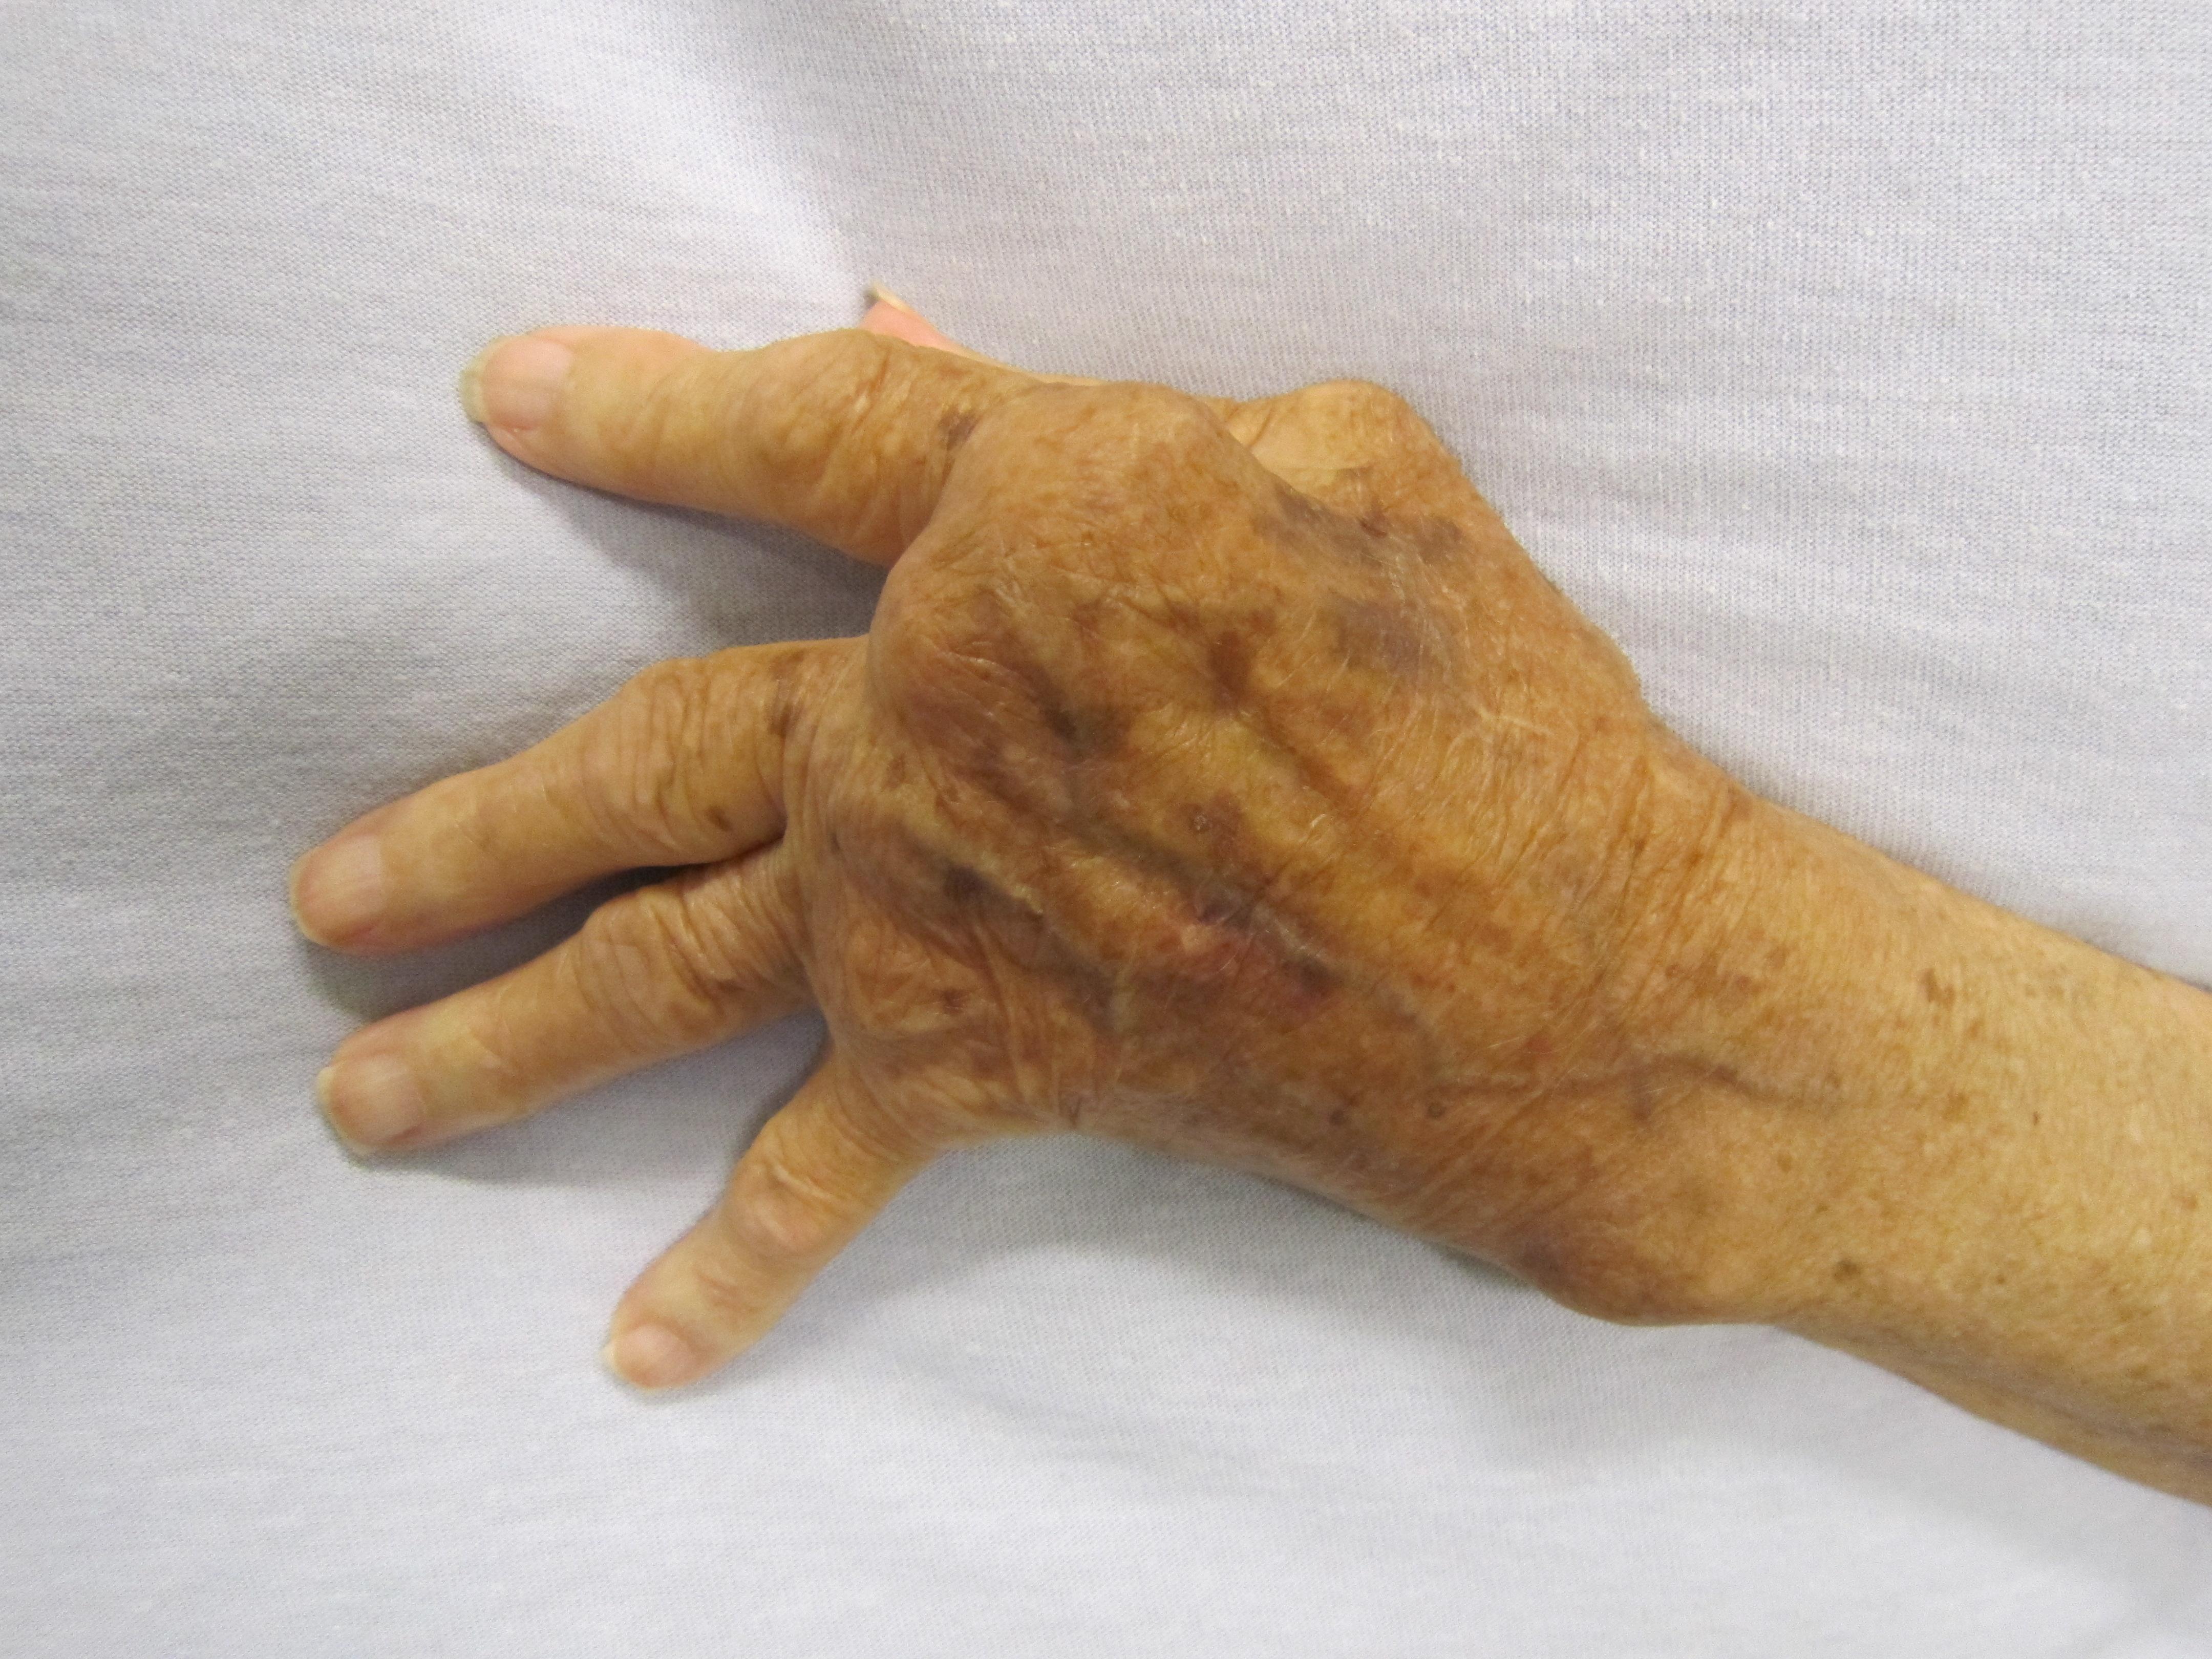 a csukló deformáló artrózisa és kezelése miért okozza az ízületi fájdalmak és a kezelés